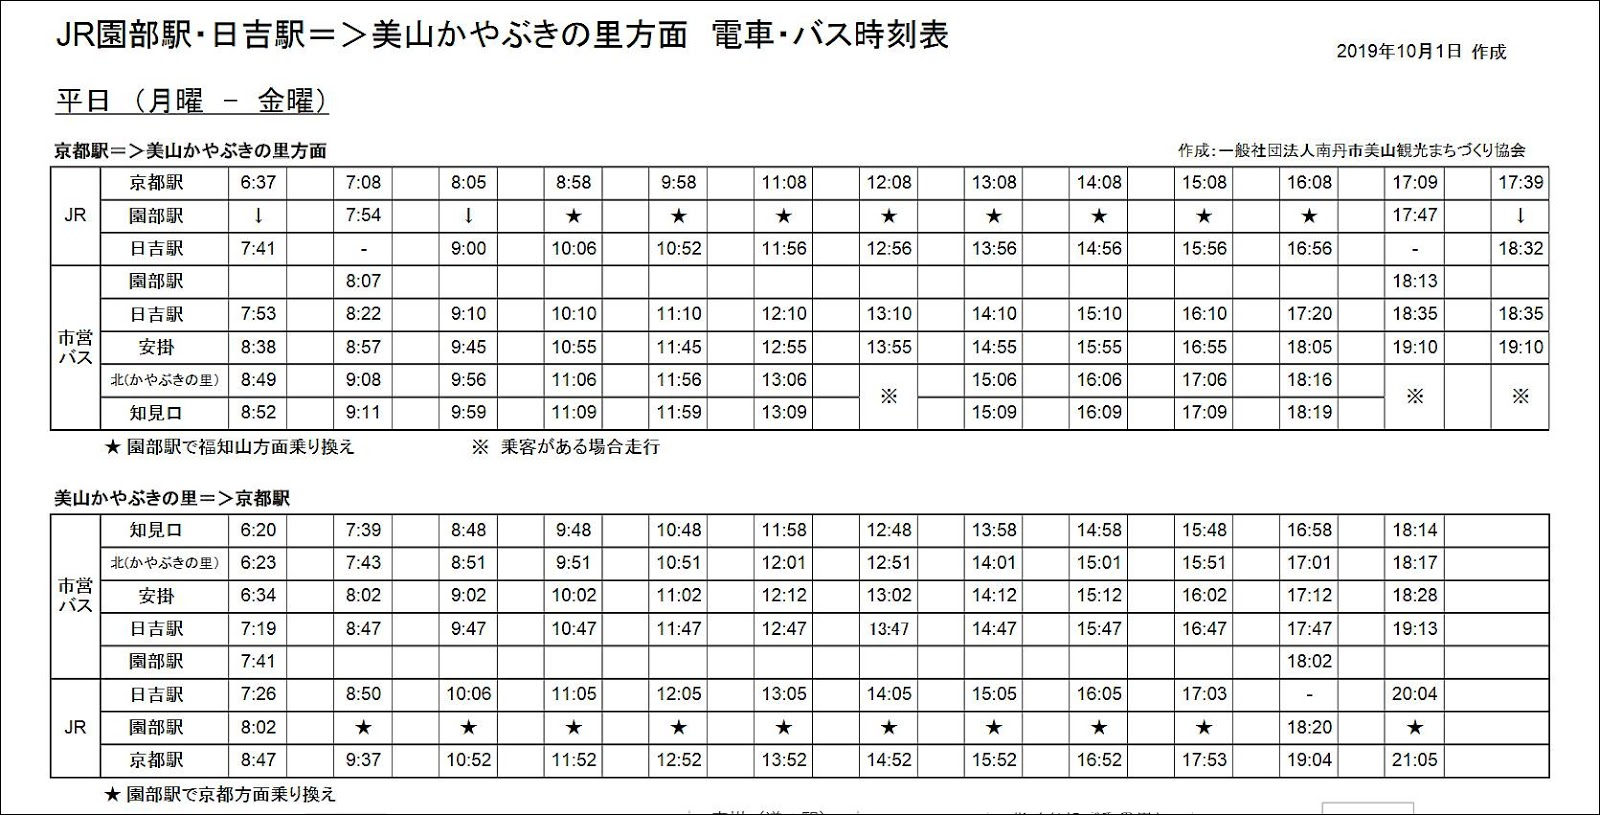 京都-美山-秘境-美山景點-推薦-美山自由行-美山一日遊-二日遊-旅遊-美山行程-美山交通-美山遊記-攻略-Miyama-日本